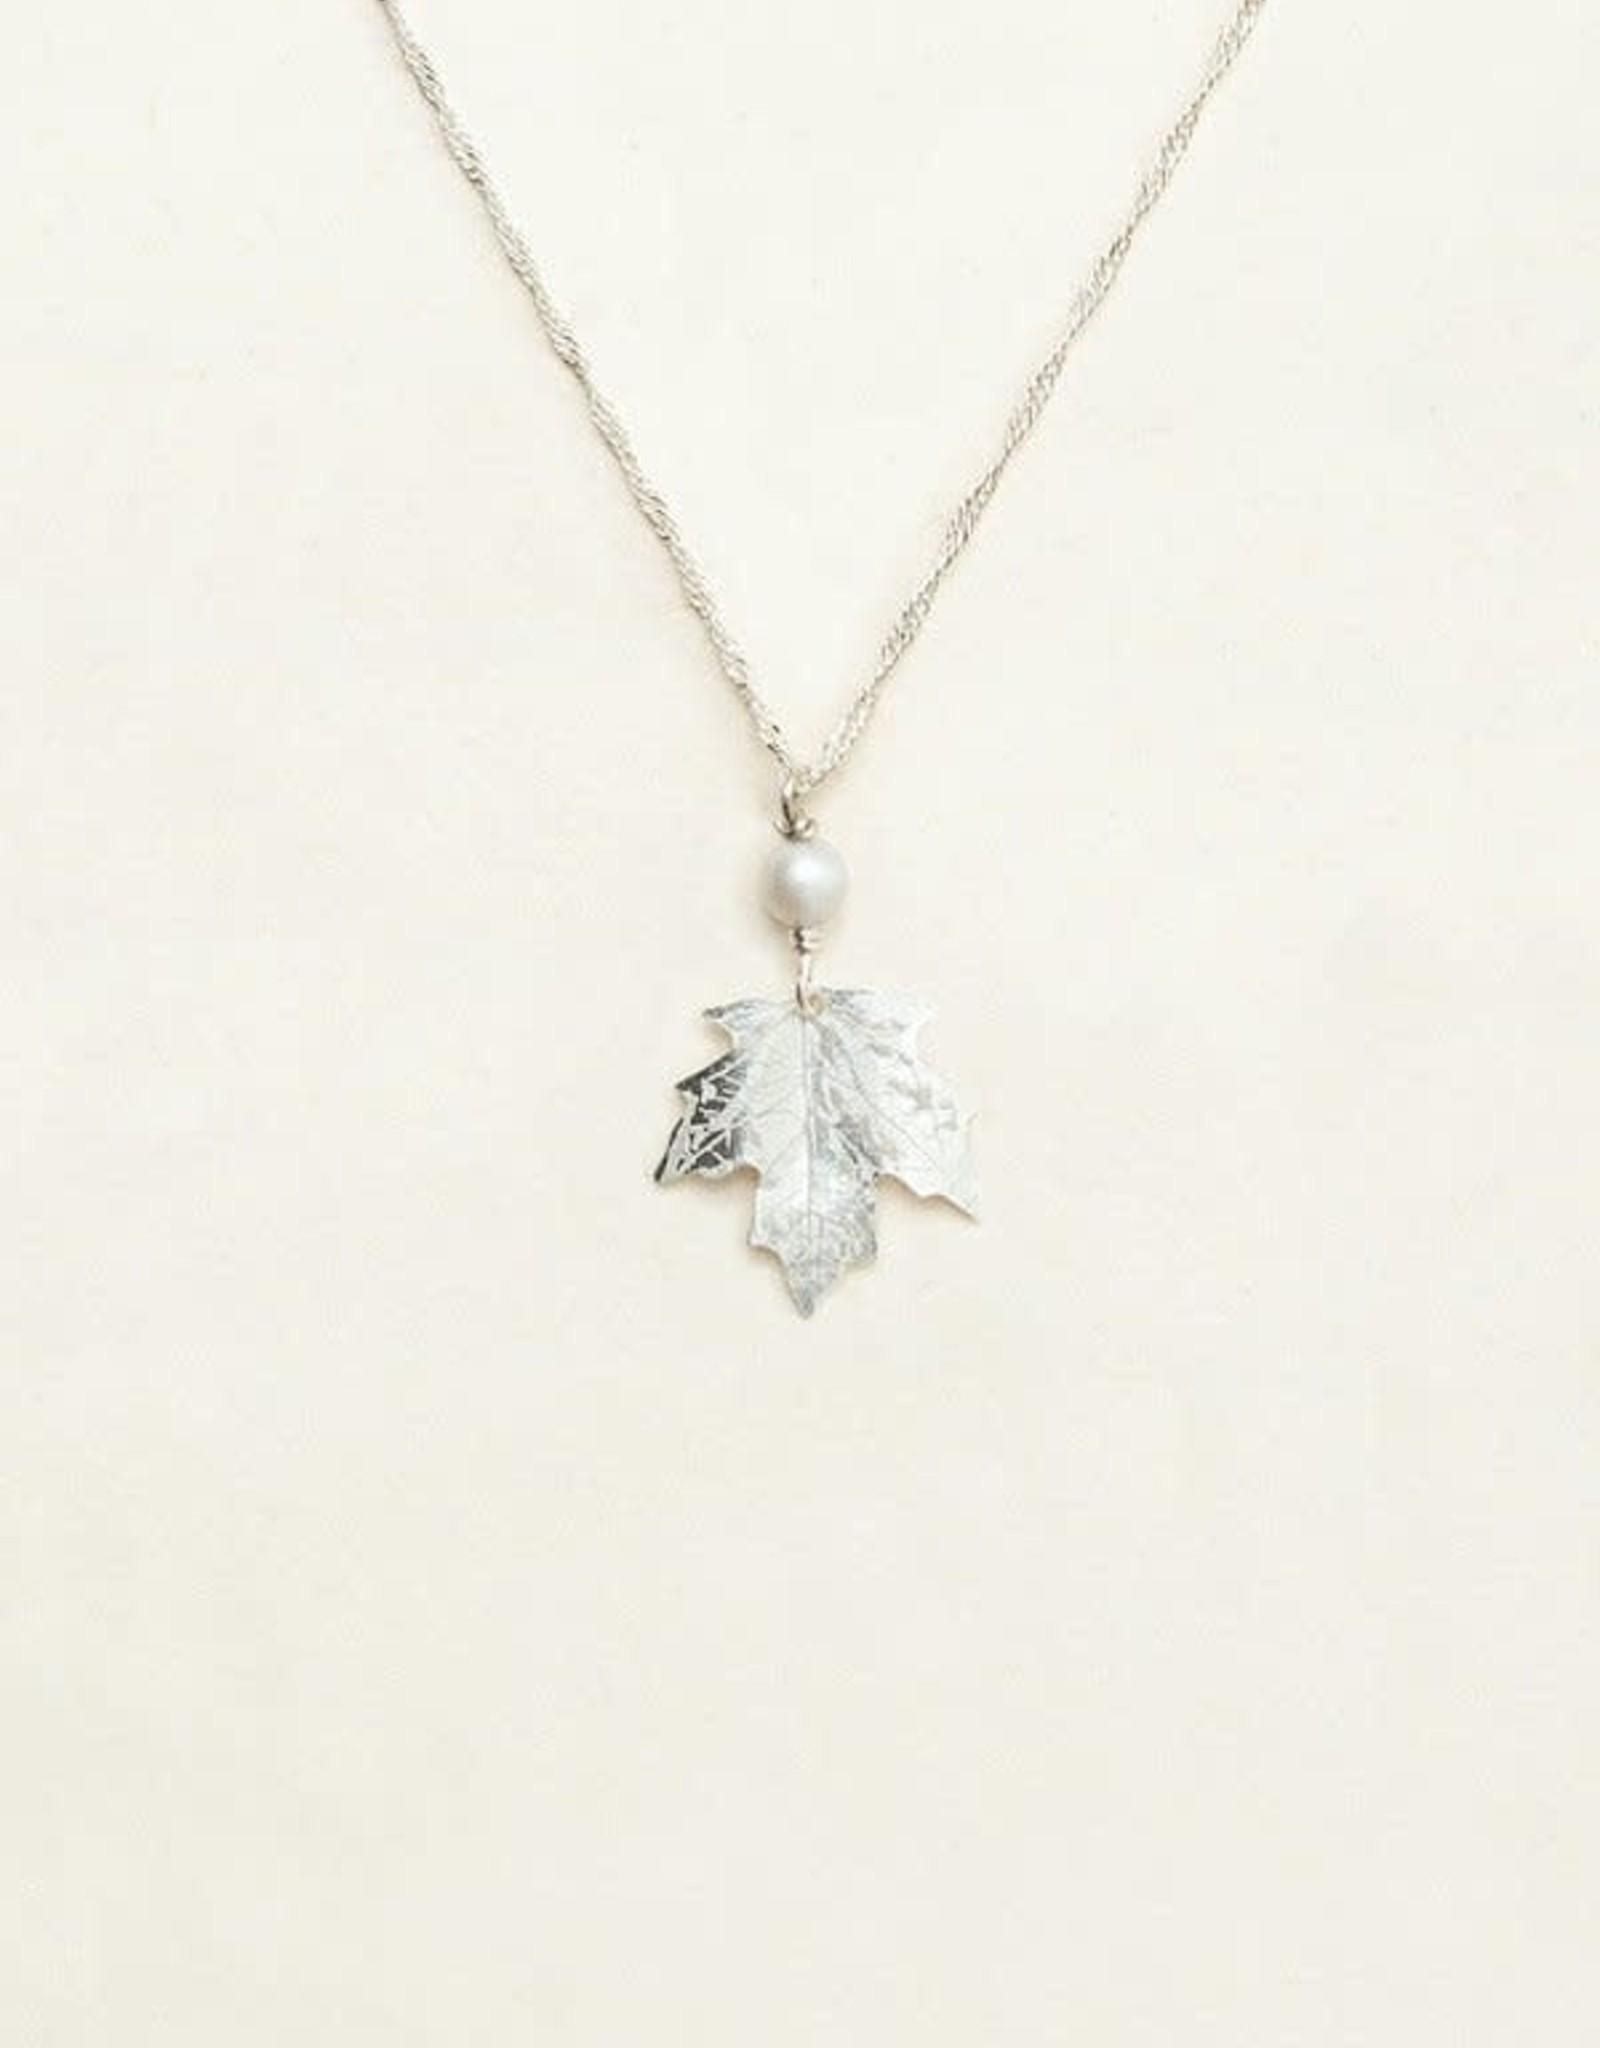 Holly Yashi Silver Sugar Maple Pendant Necklace